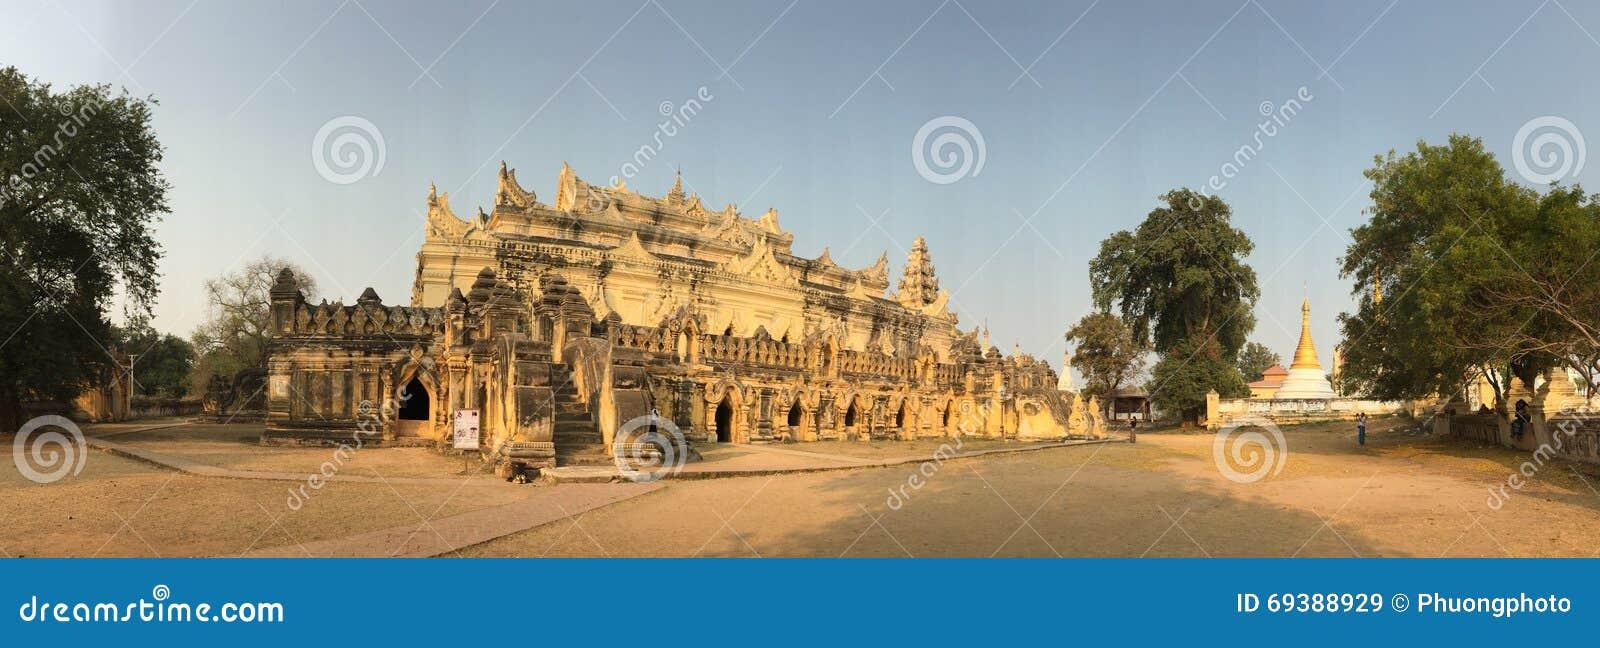 Άποψη πανοράματος του ναού στο χωριό Innwa στο Μιανμάρ